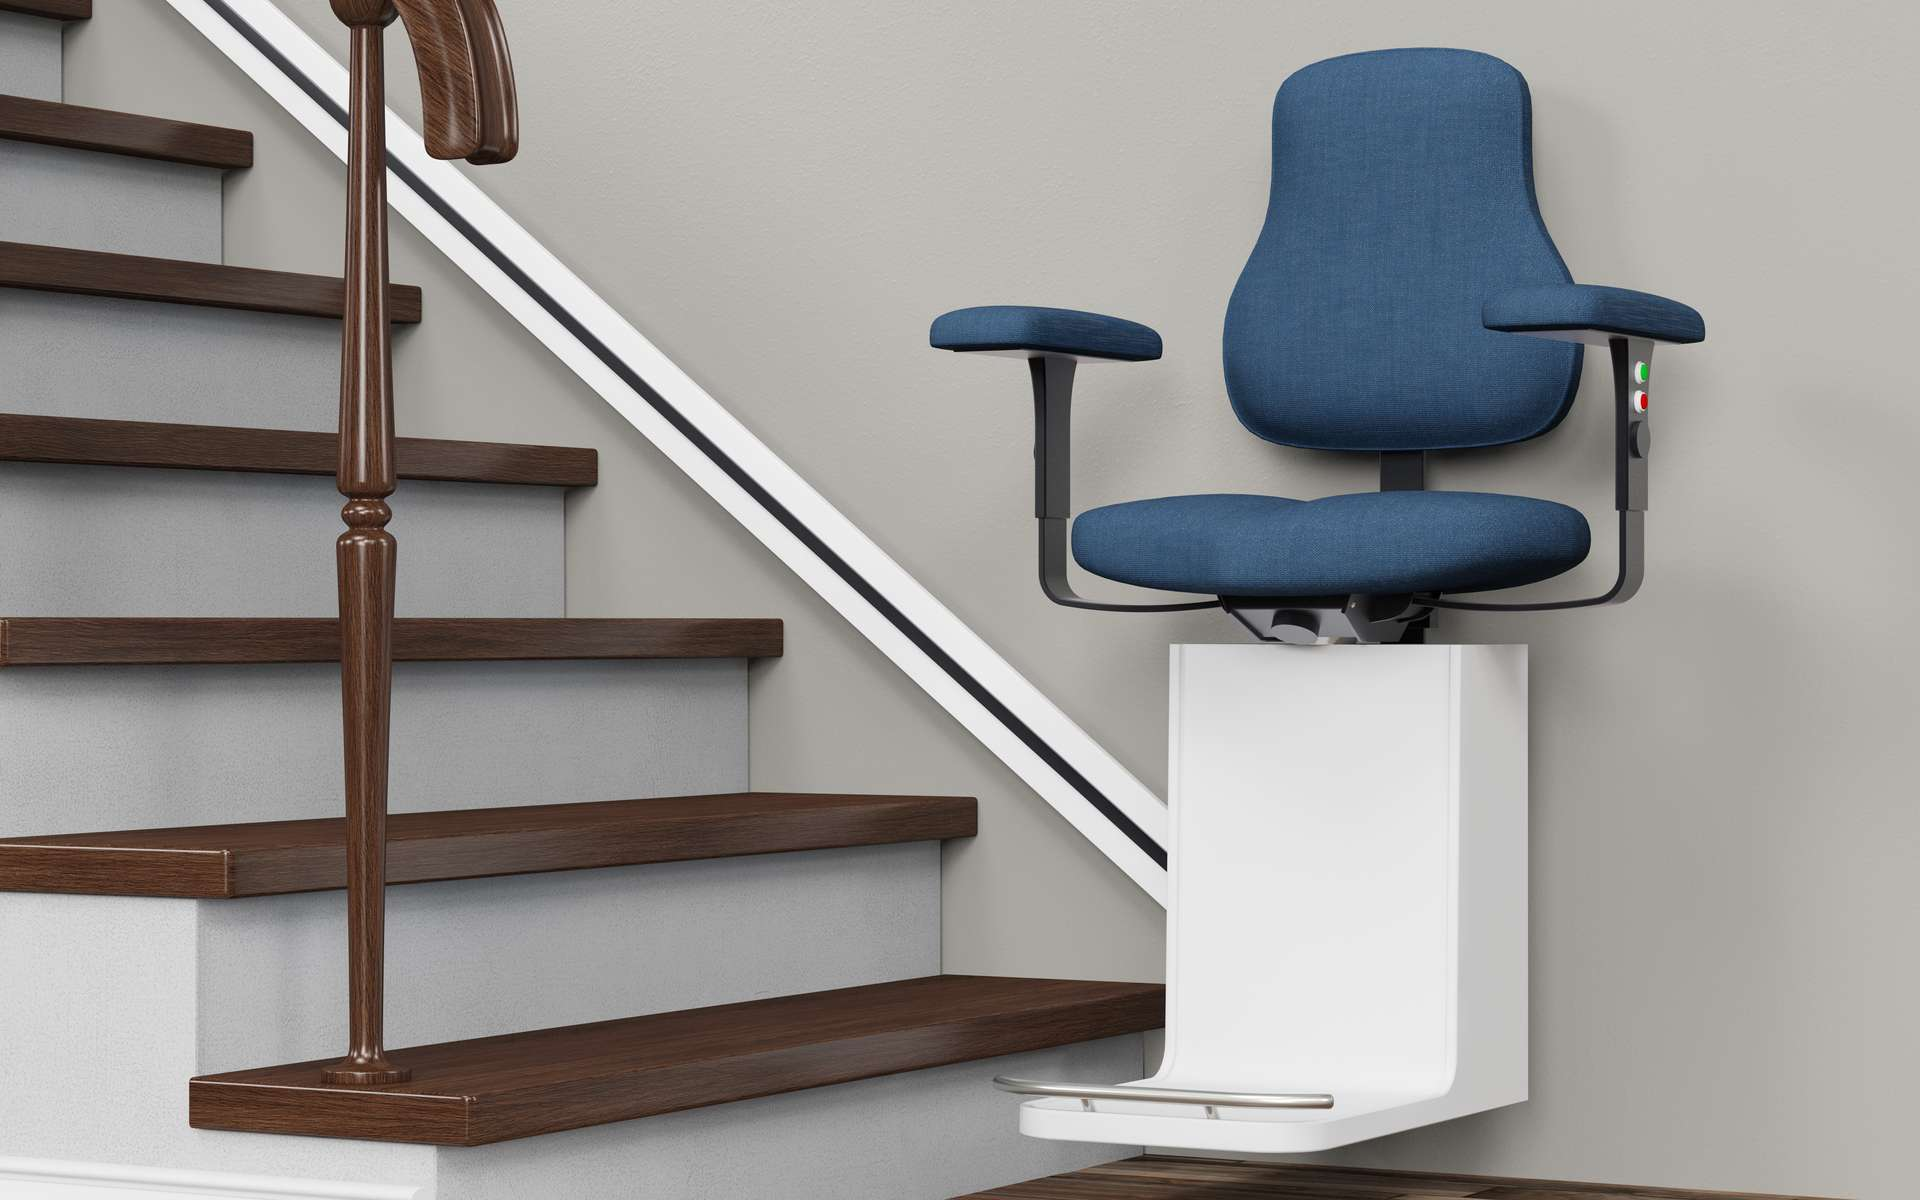 Pourquoi faire poser un monte-escalier électrique ? © Robert, Adobe Stock